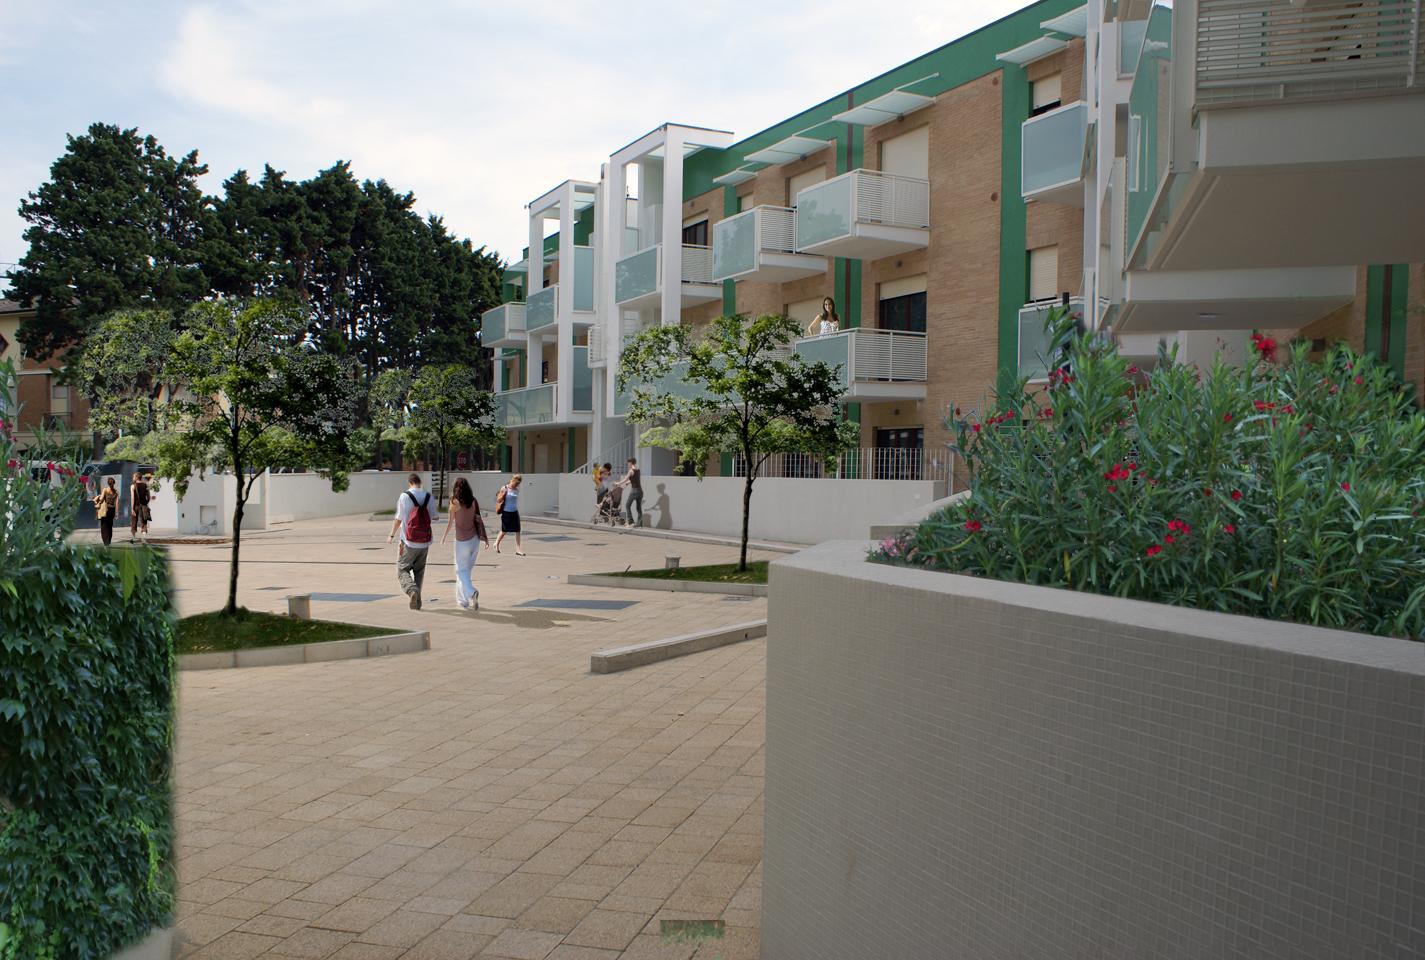 appartamenti-porto-san-giorgio-via-petrarca-corte-interna